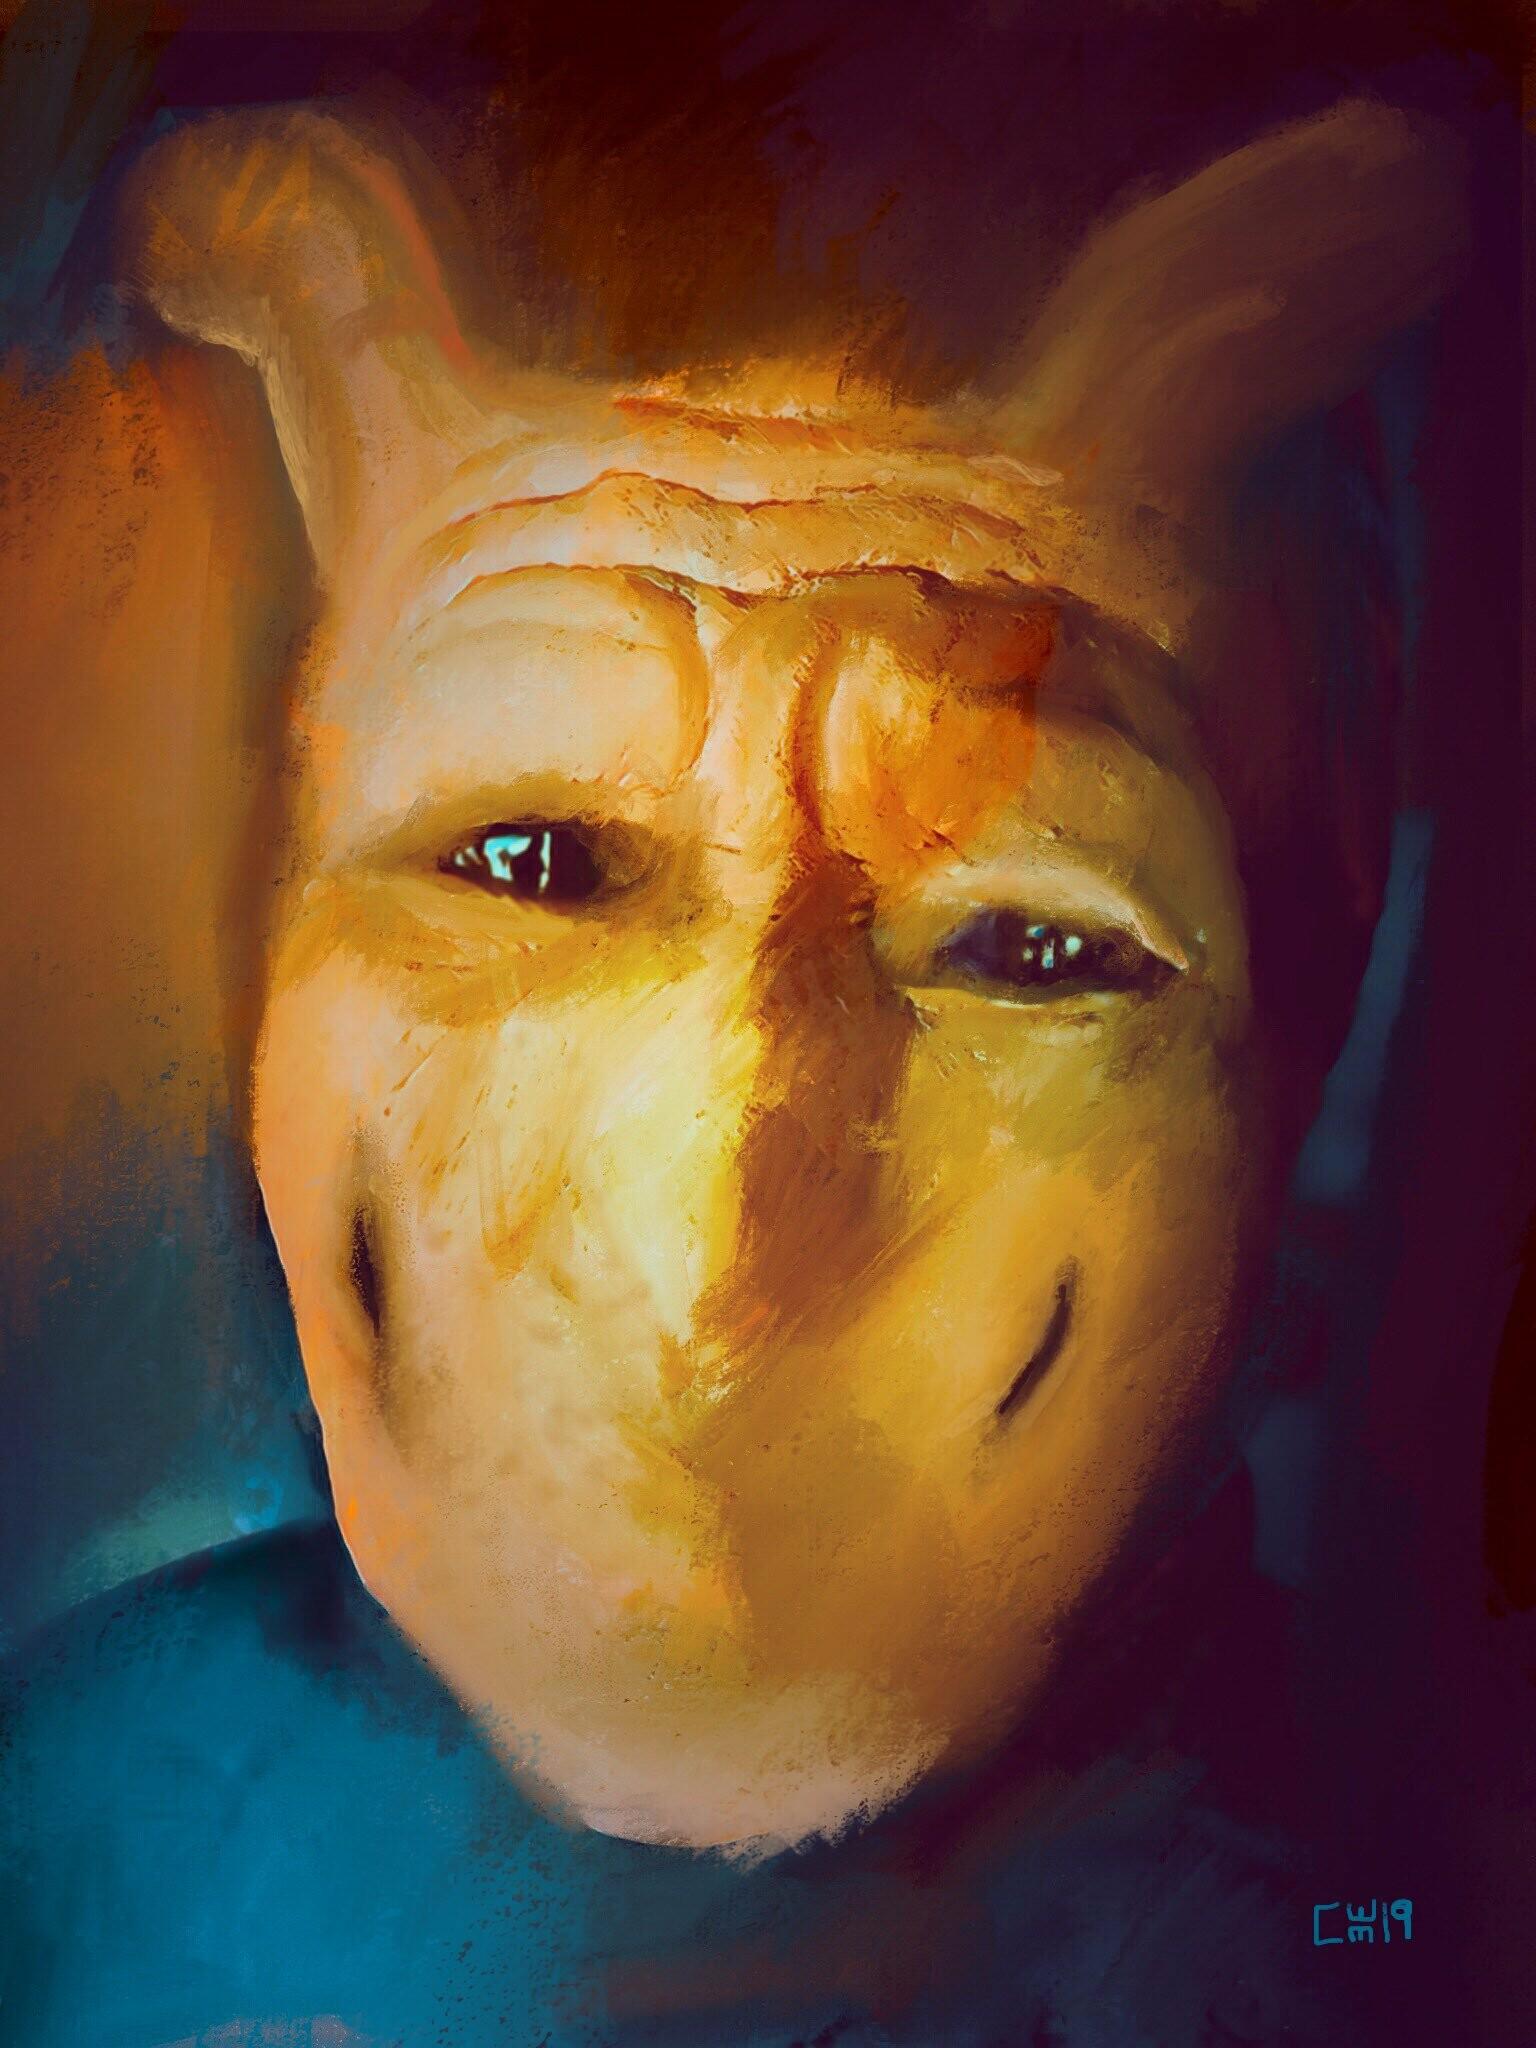 Craig morrison alien 3